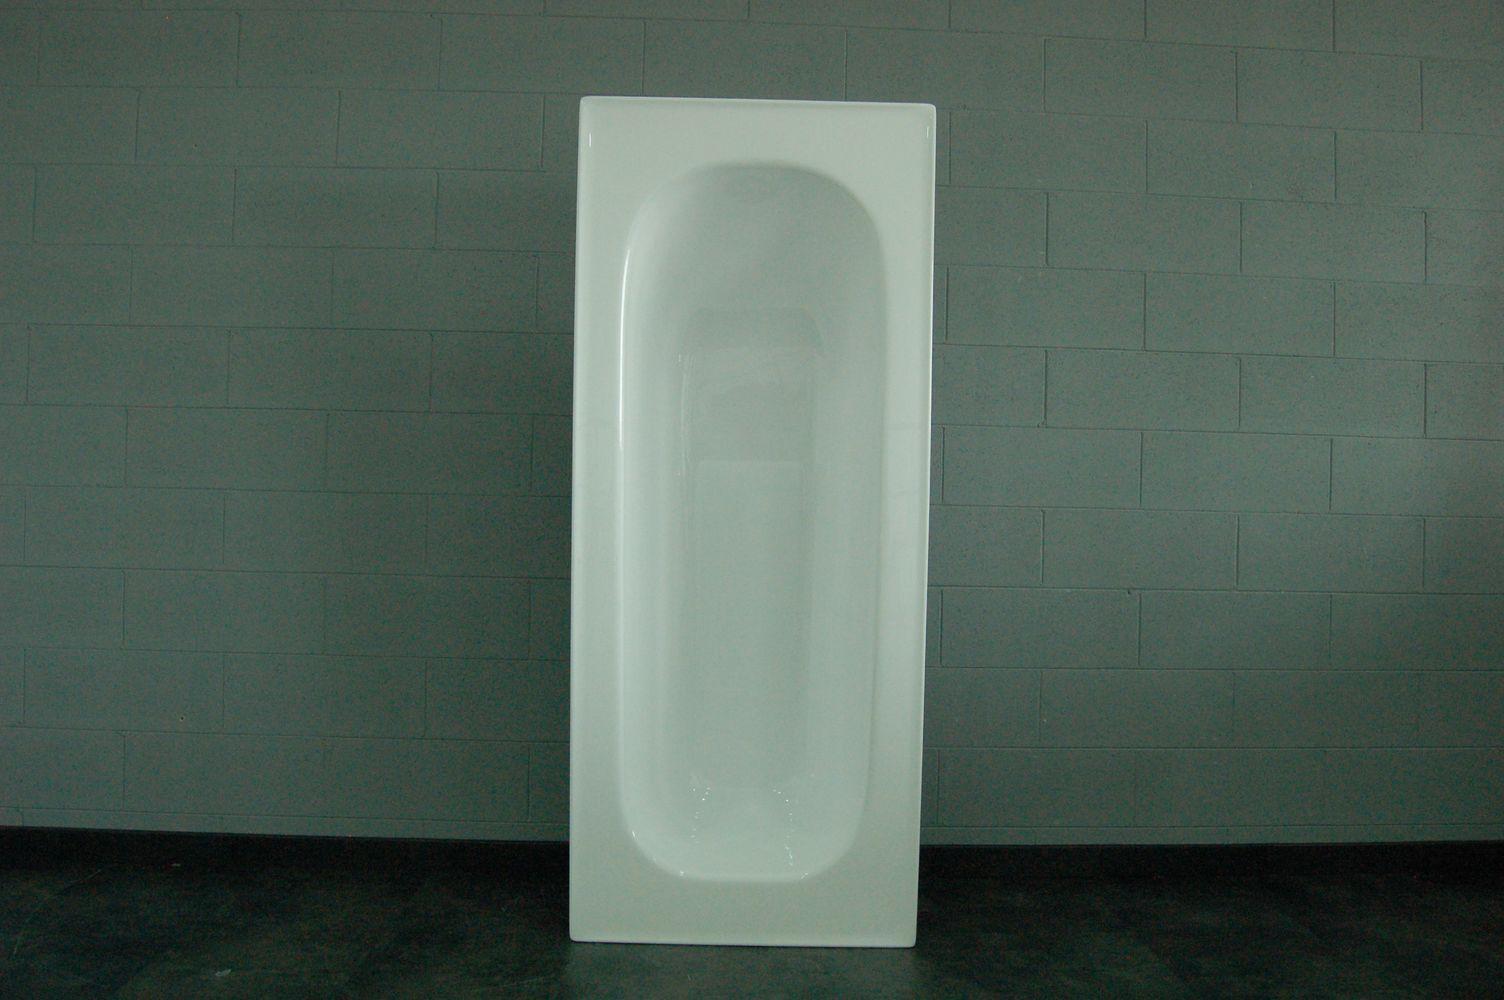 Vasca Da Bagno 170 75 : Vasche da sovrapposizione produzione vasche da bagno acryltech